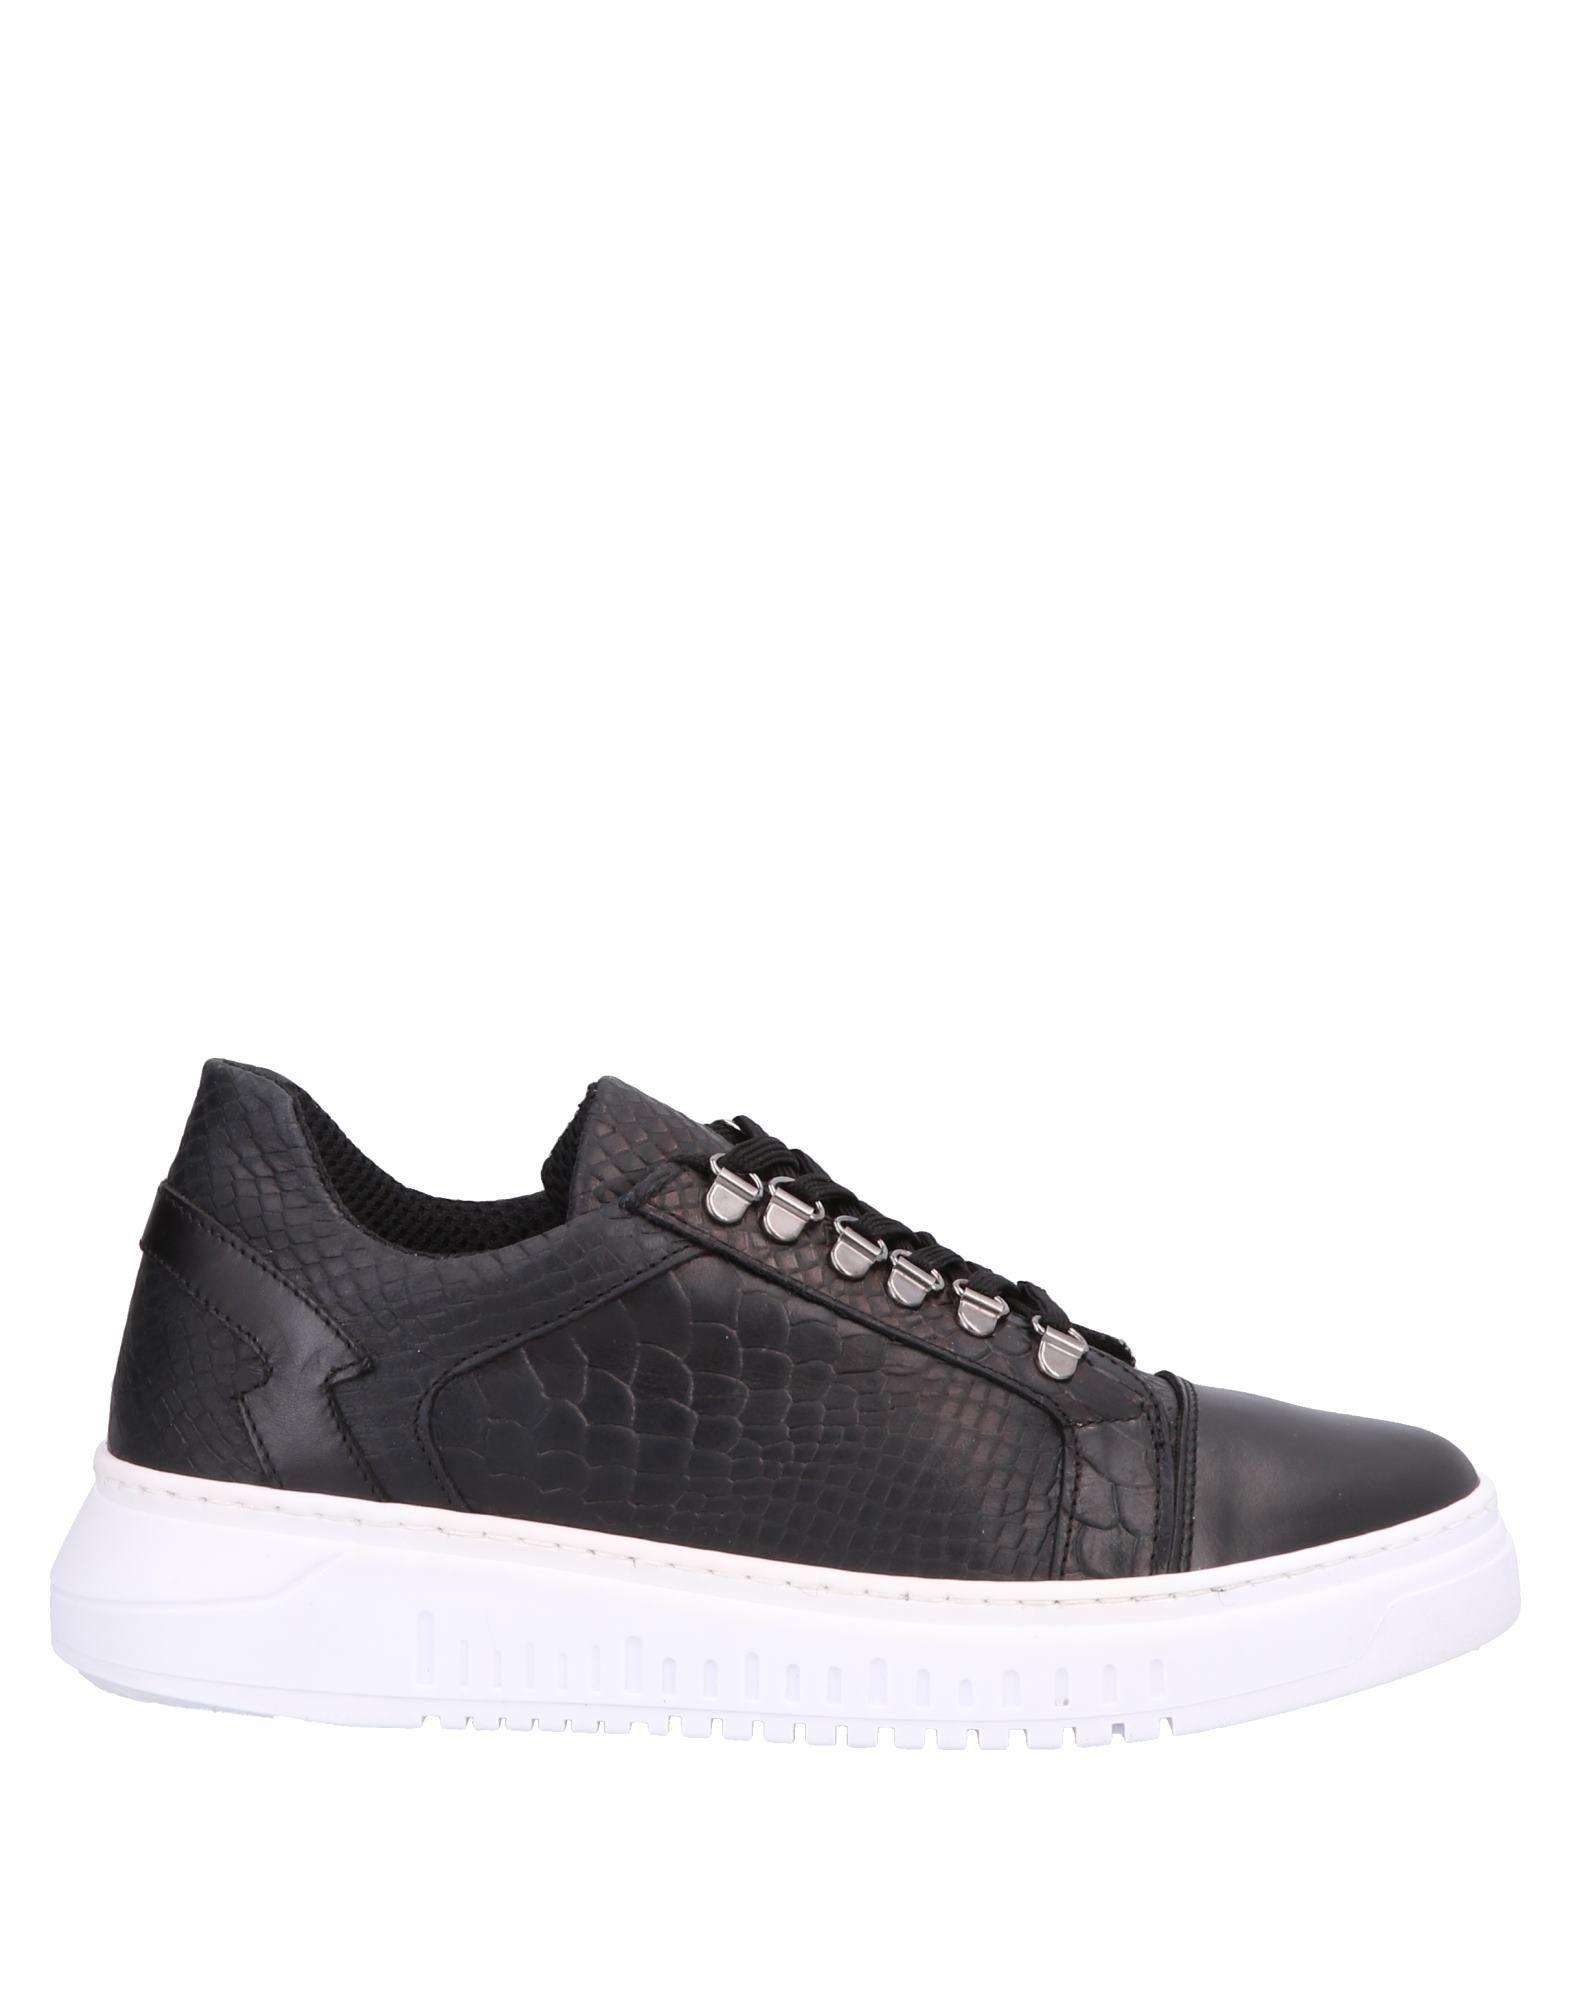 Angelo Pallotta Sneakers - - - Men Angelo Pallotta Sneakers online on  Australia - 11569651ER 526118